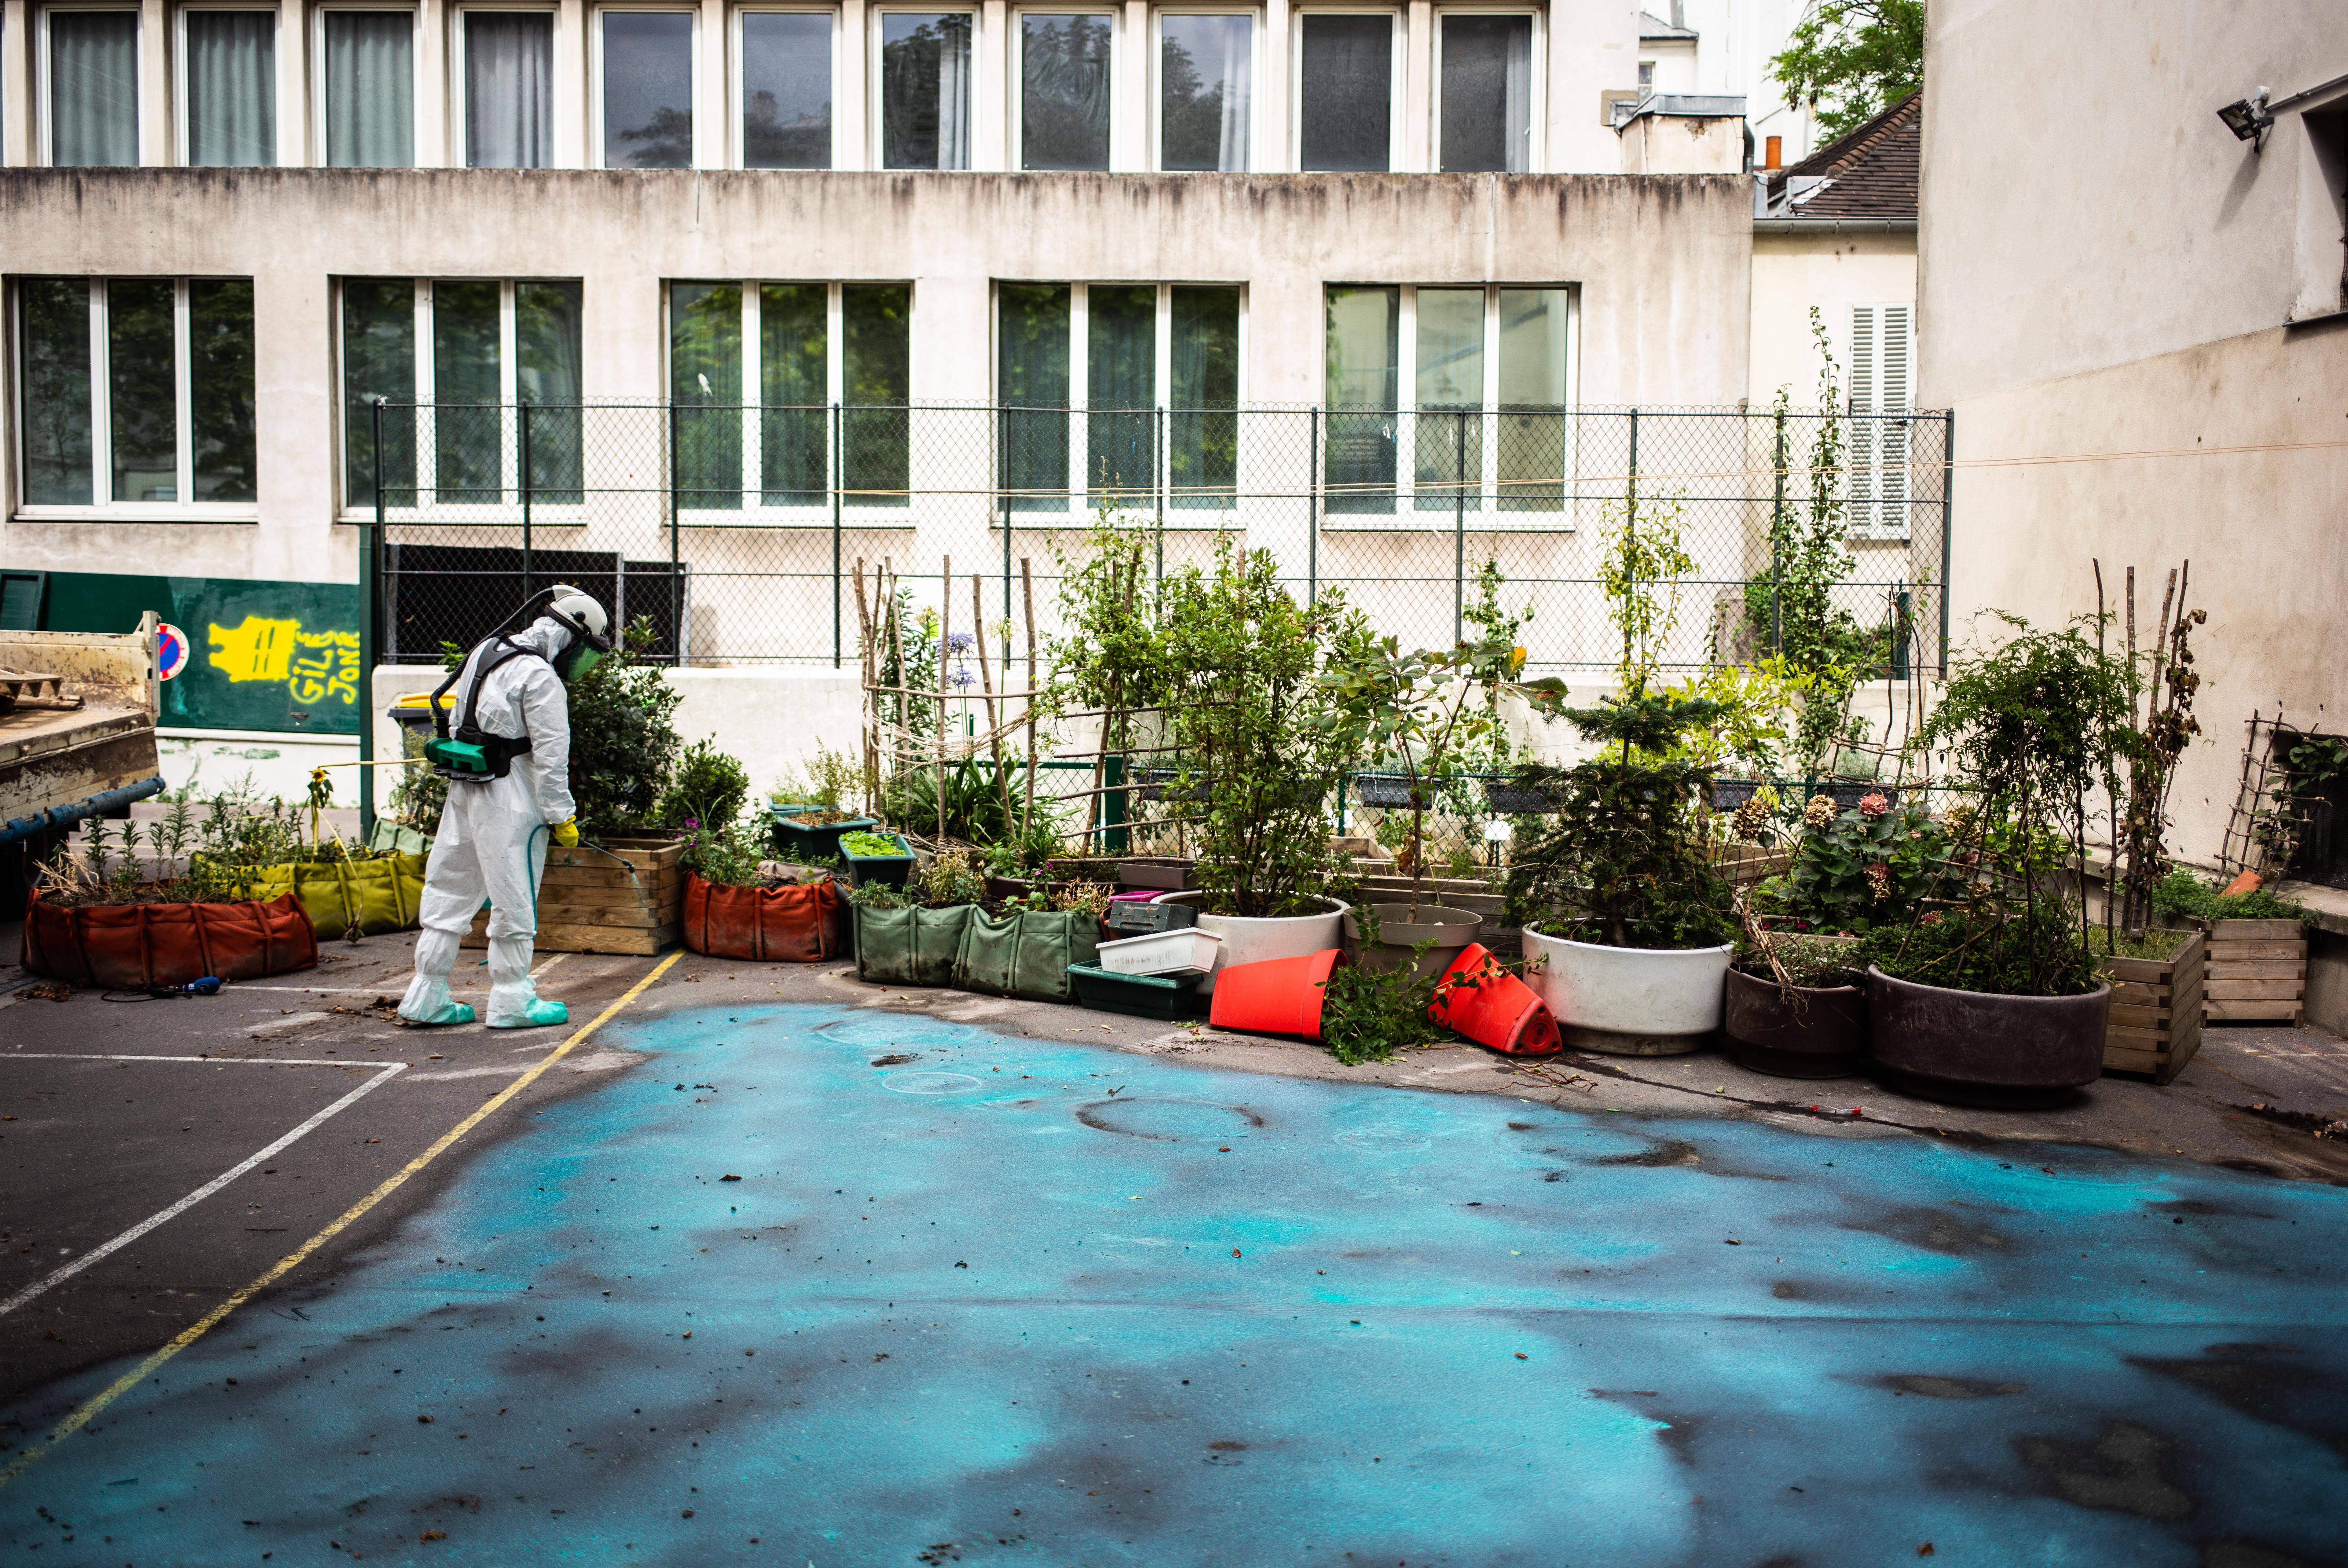 schoonmaakactie parijs